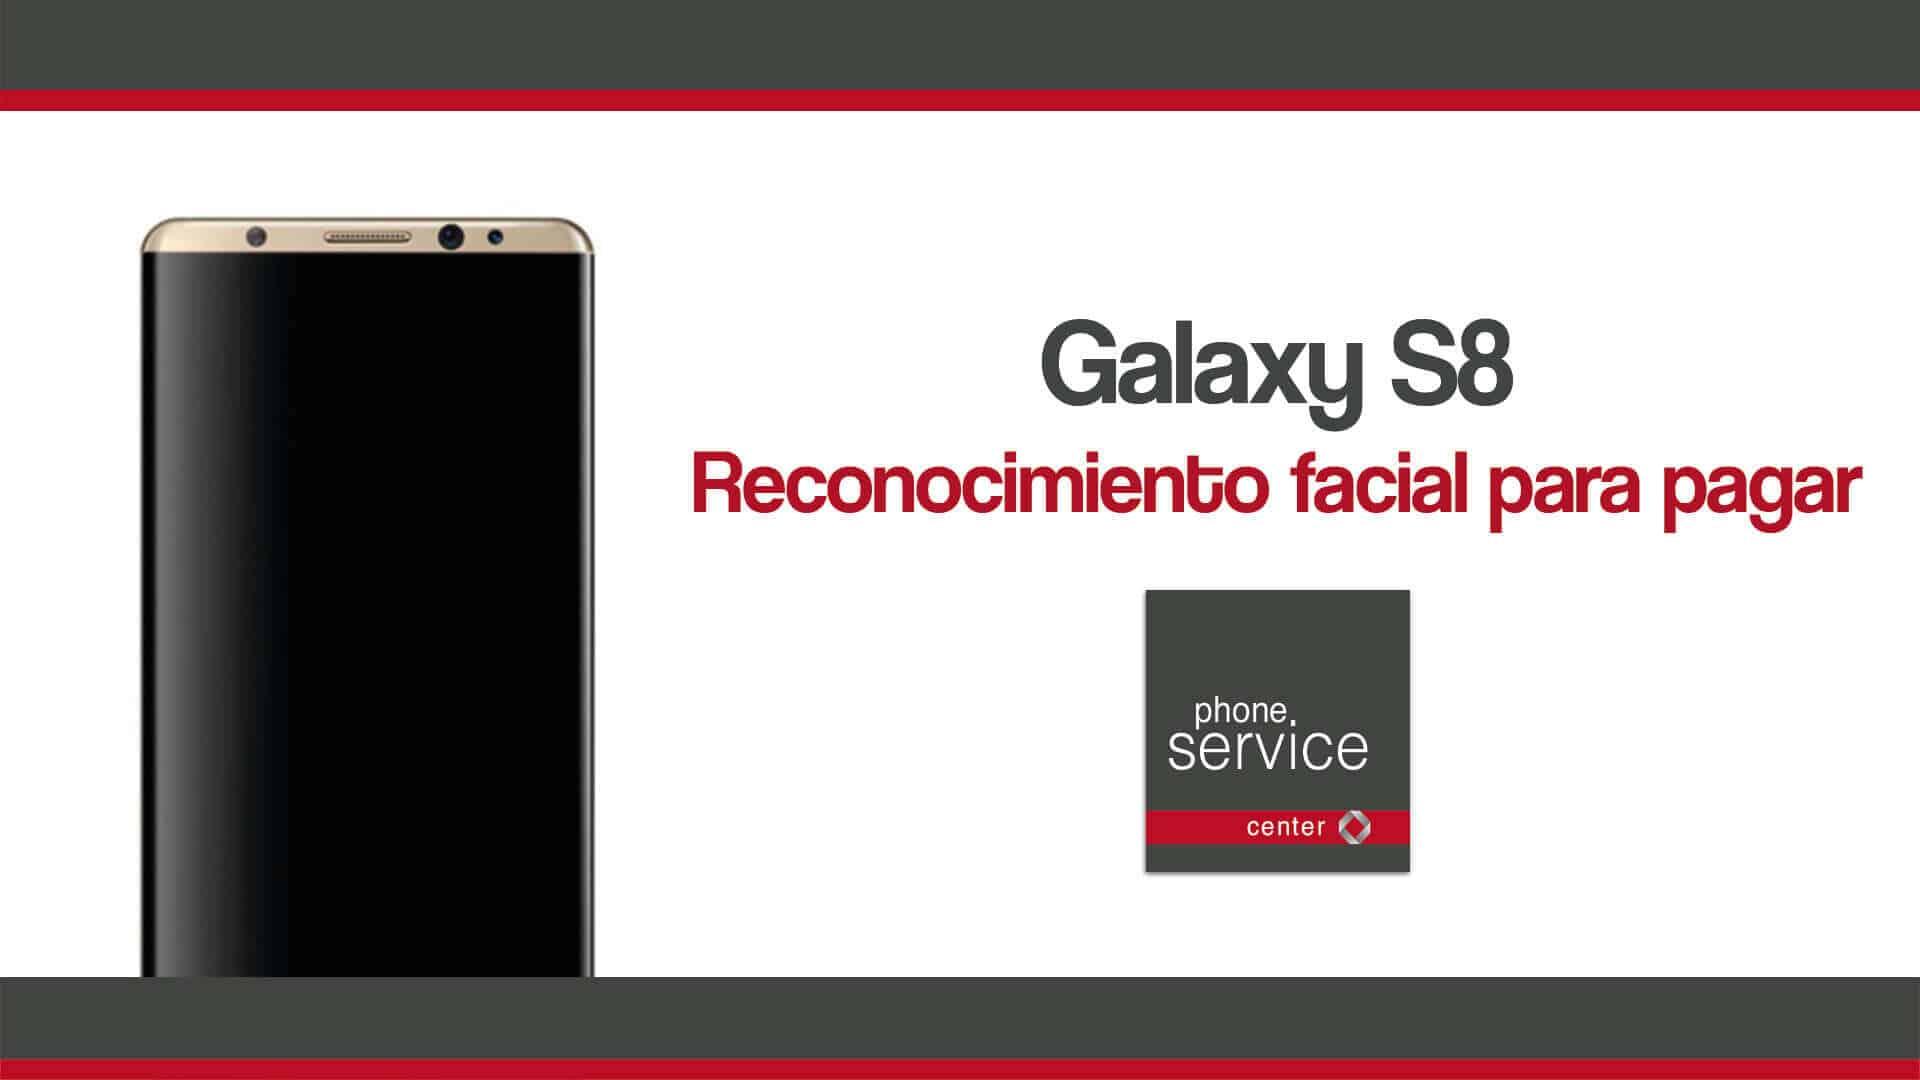 Galaxy S8 reconocimiento facial para pagar